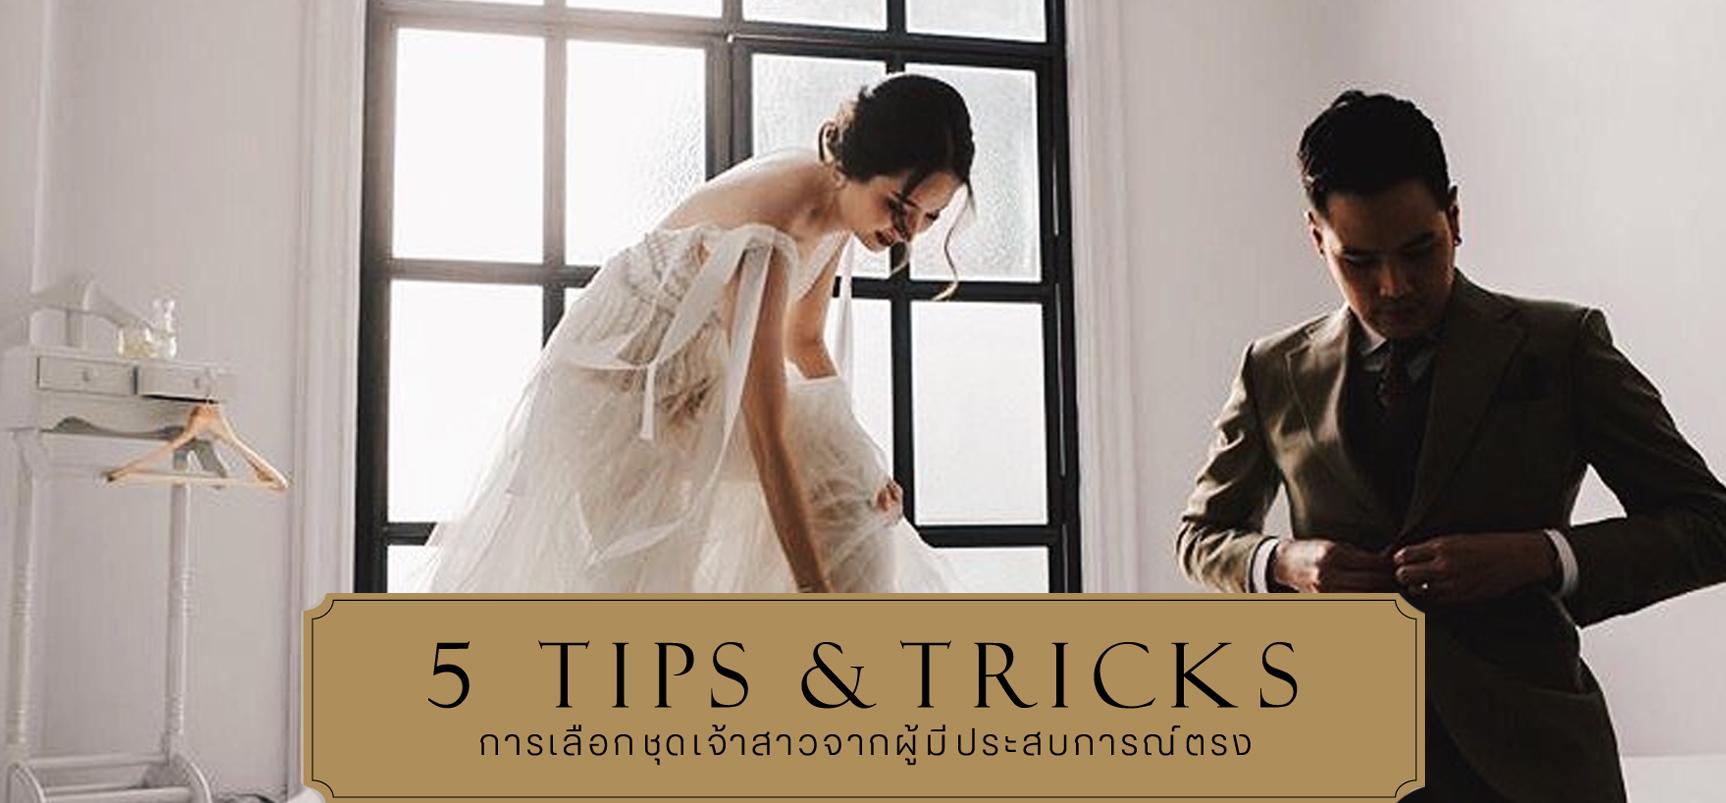 5 TIPS & TRICKS การเลือกชุดเจ้าสาวจากผู้มีประสบการณ์การตรง